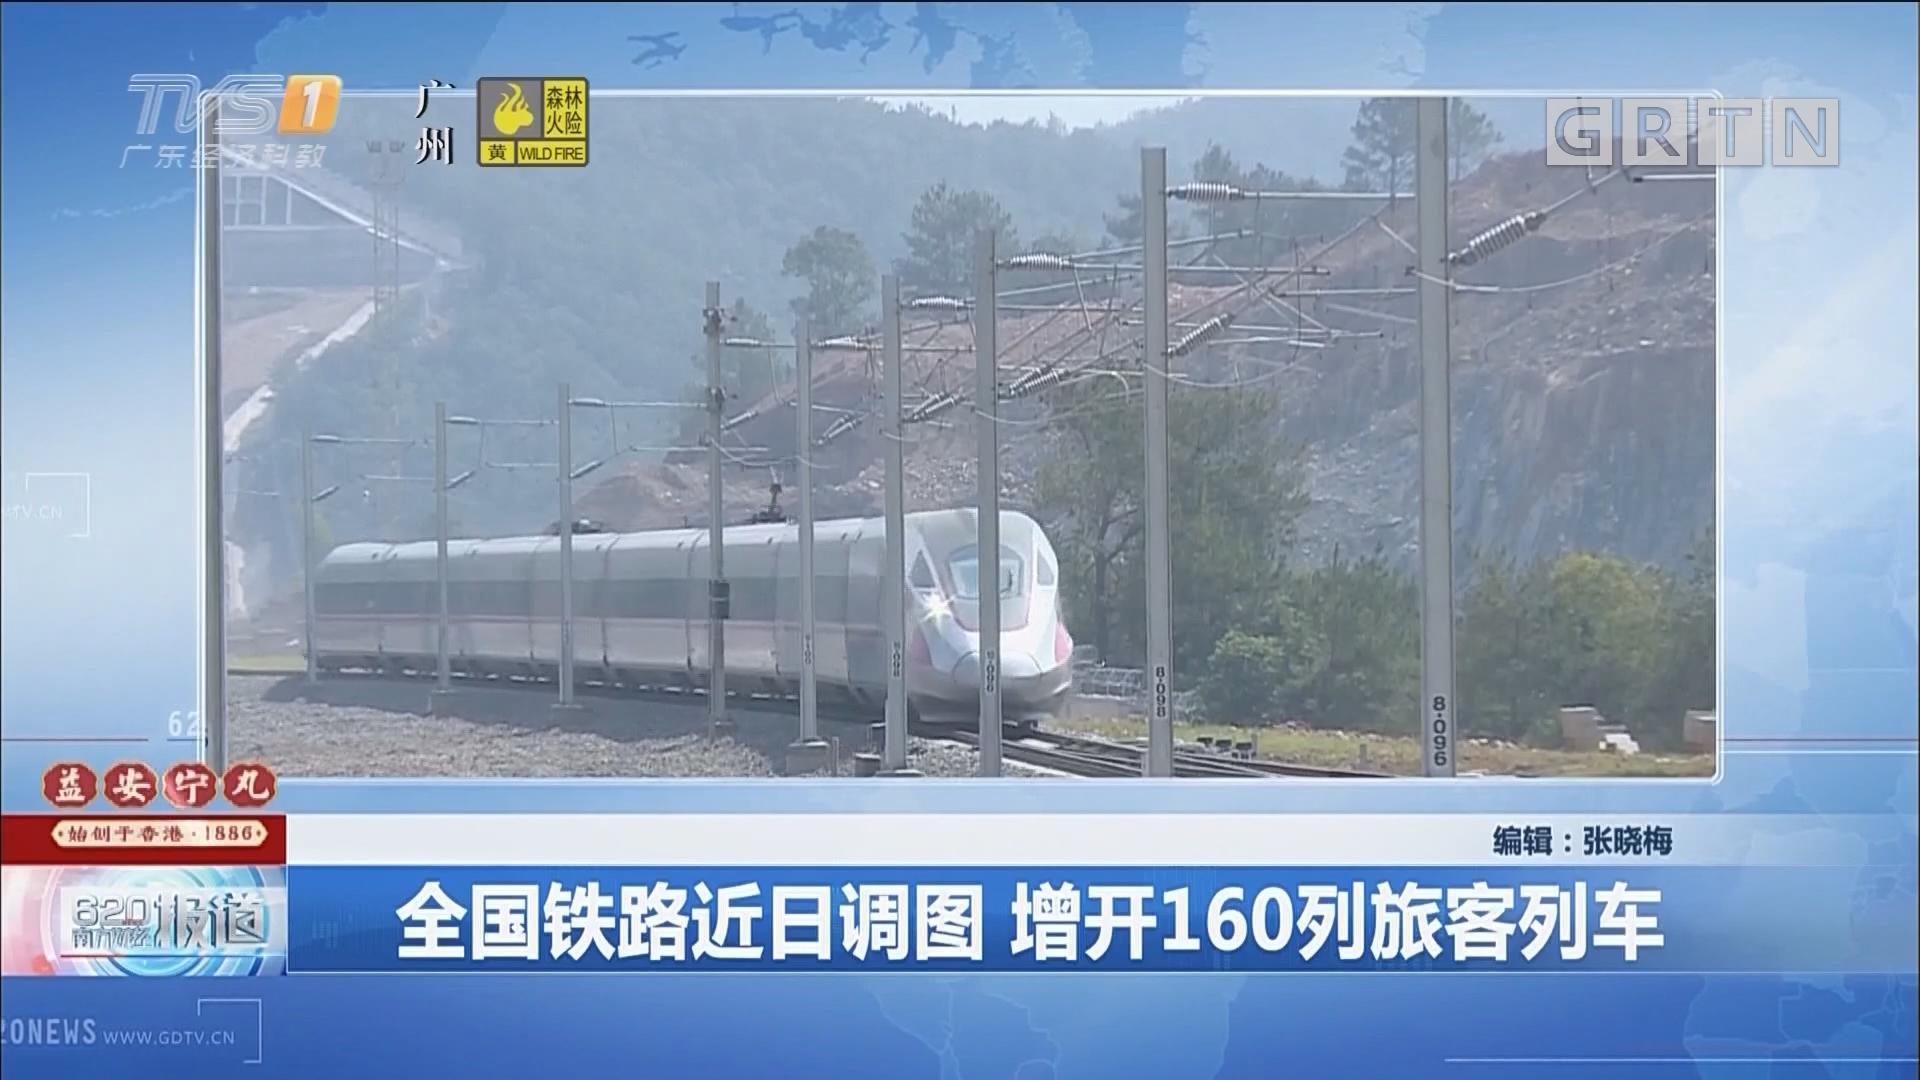 全國鐵路近日調圖 增開160列旅客列車